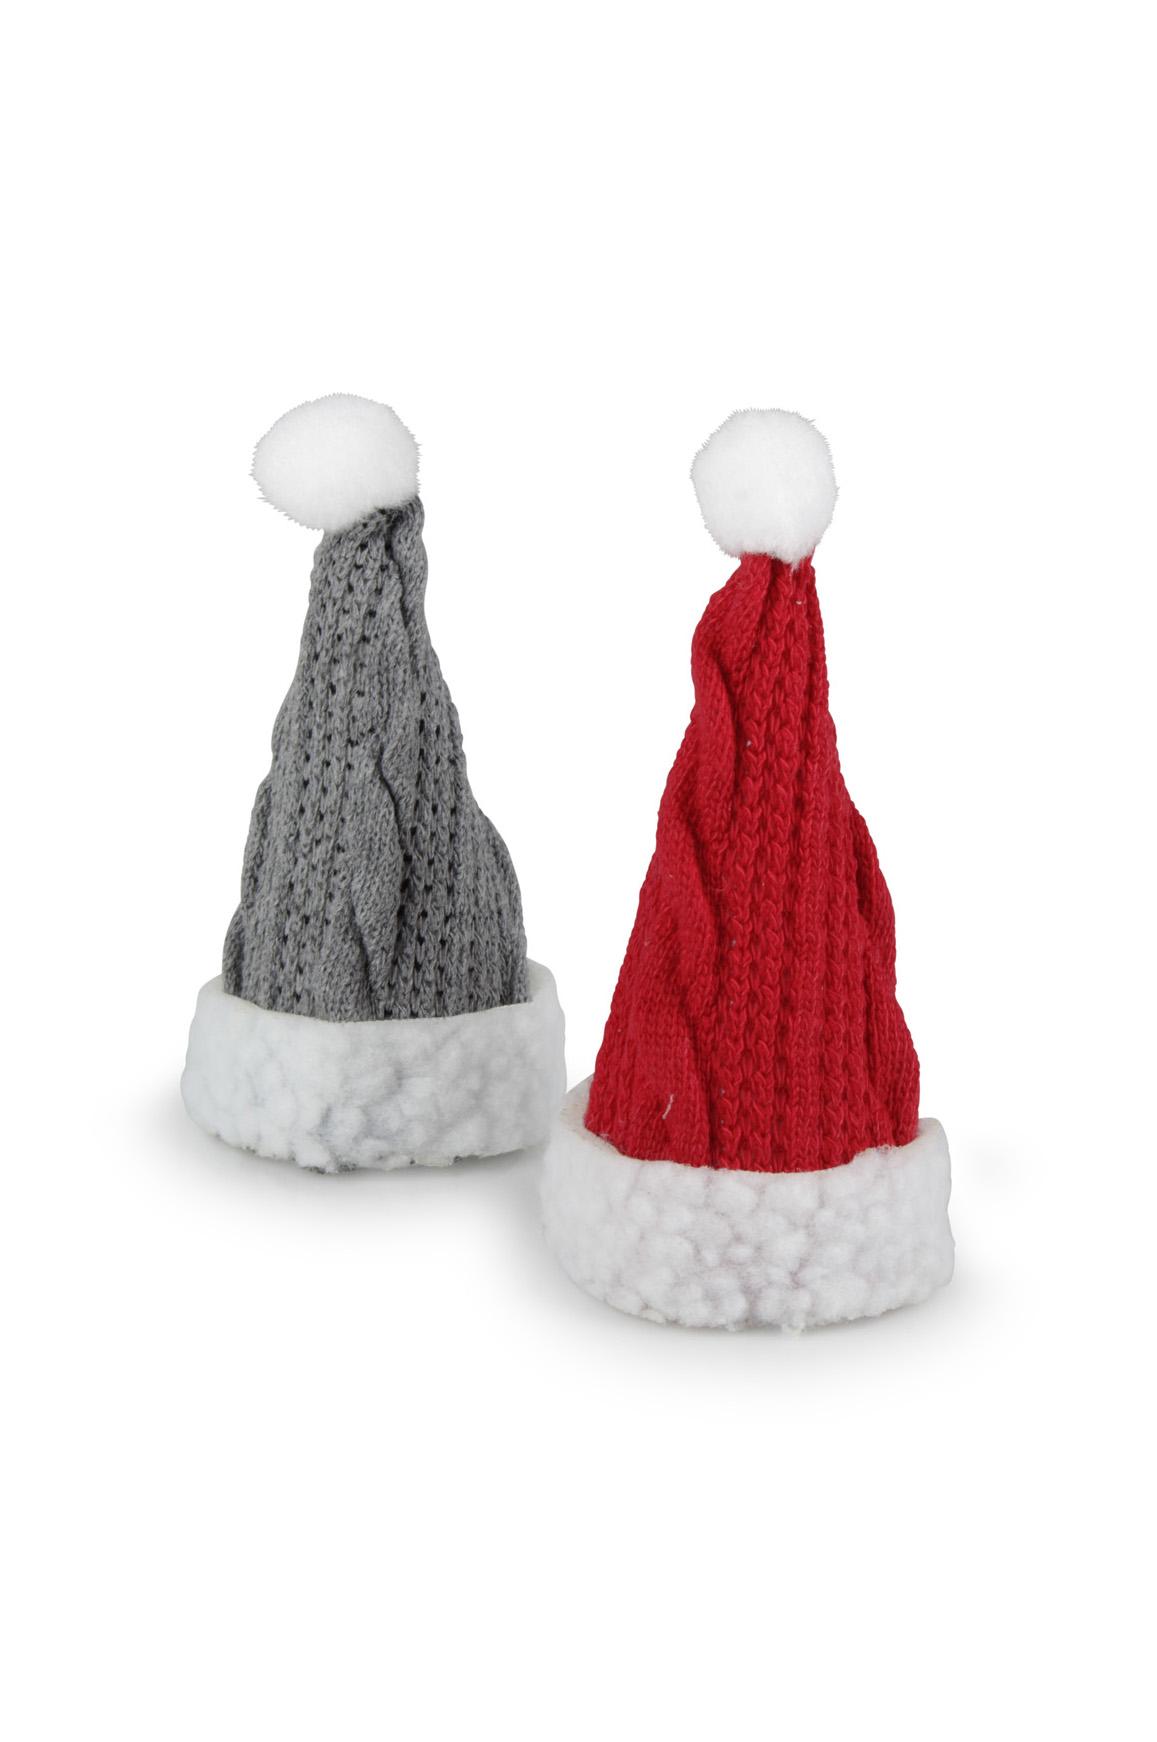 Set 8 Cappelli decorativi natalizi in lana con bordo in pelliccia sintetica rosso e grigio d. 6 x h. 13,5